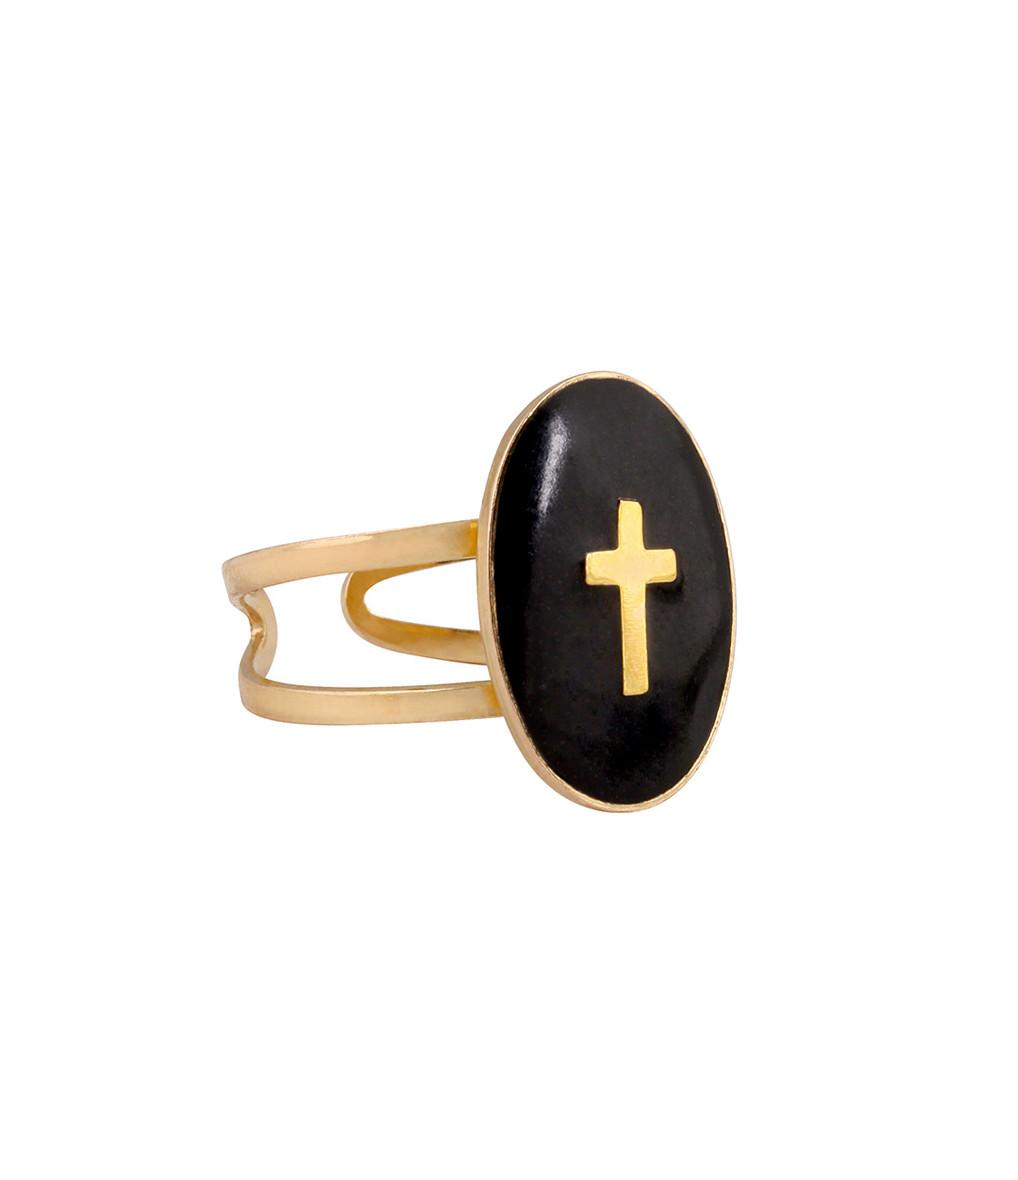 LSONGE - Bague Ovale Croix Noir Plaqué Or